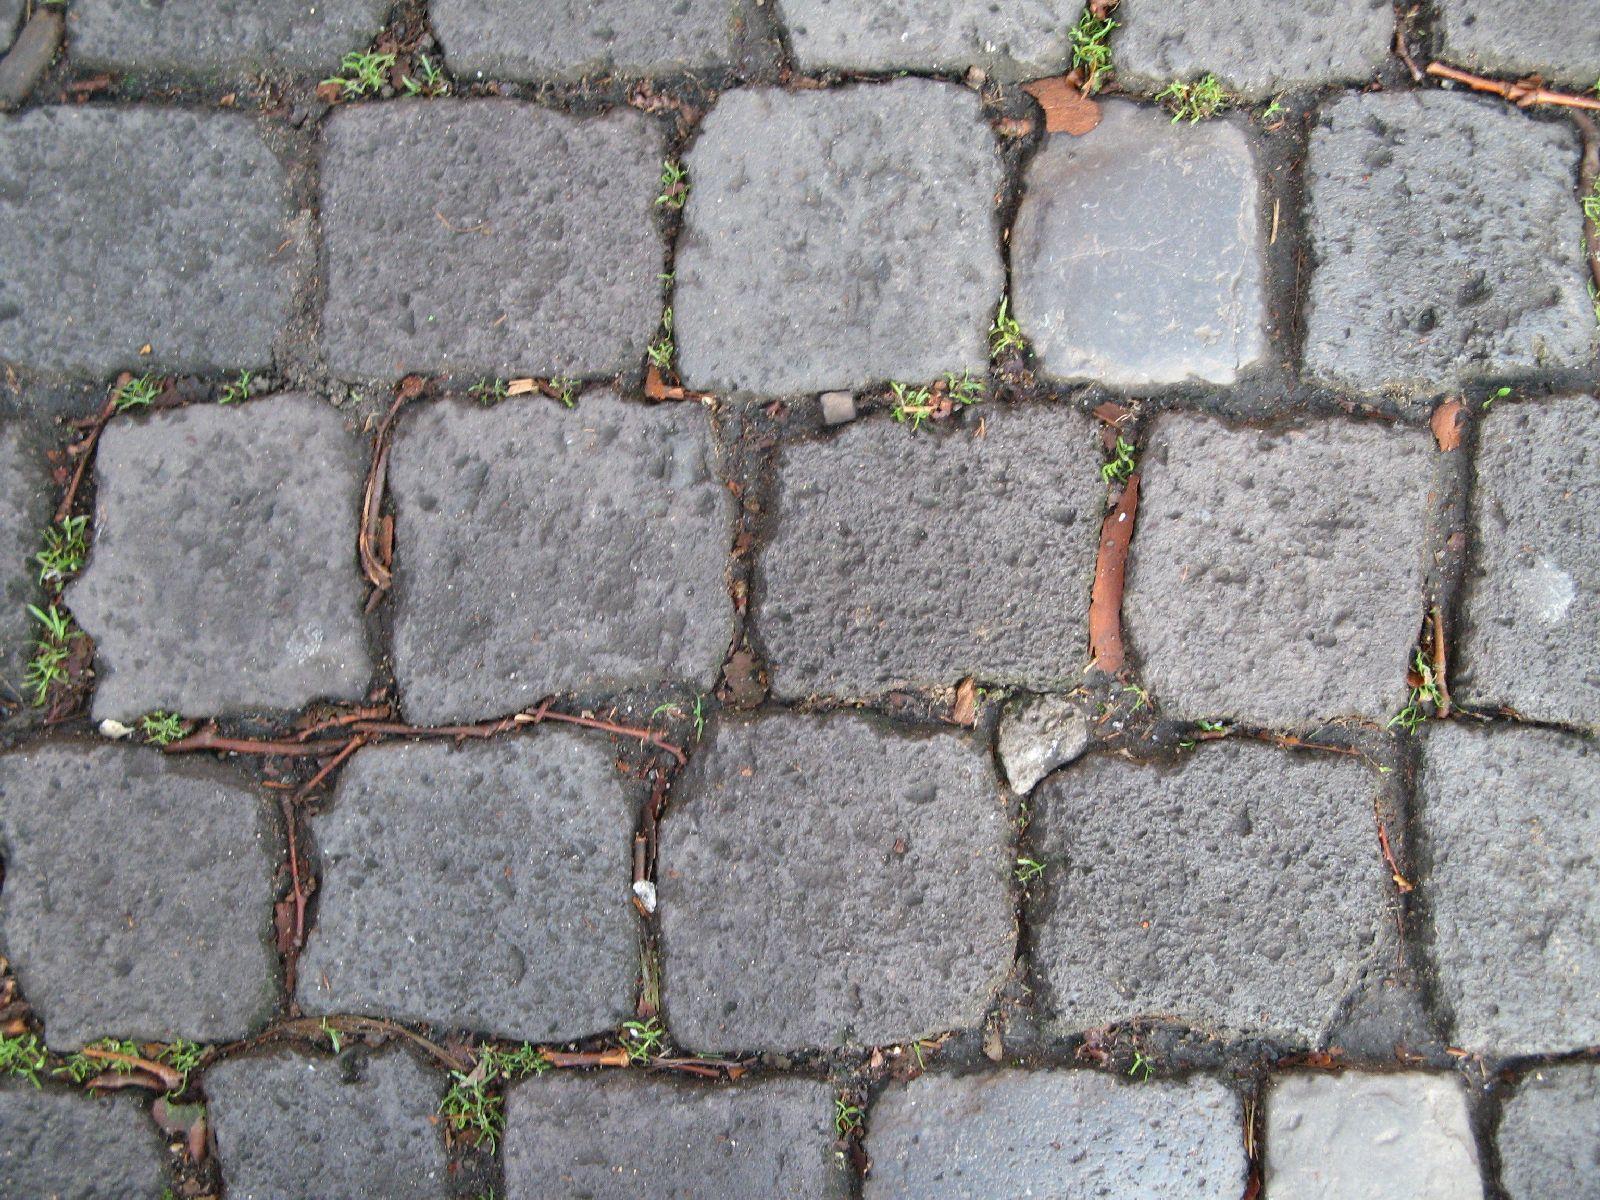 Ground-Urban_Texture_B_1424